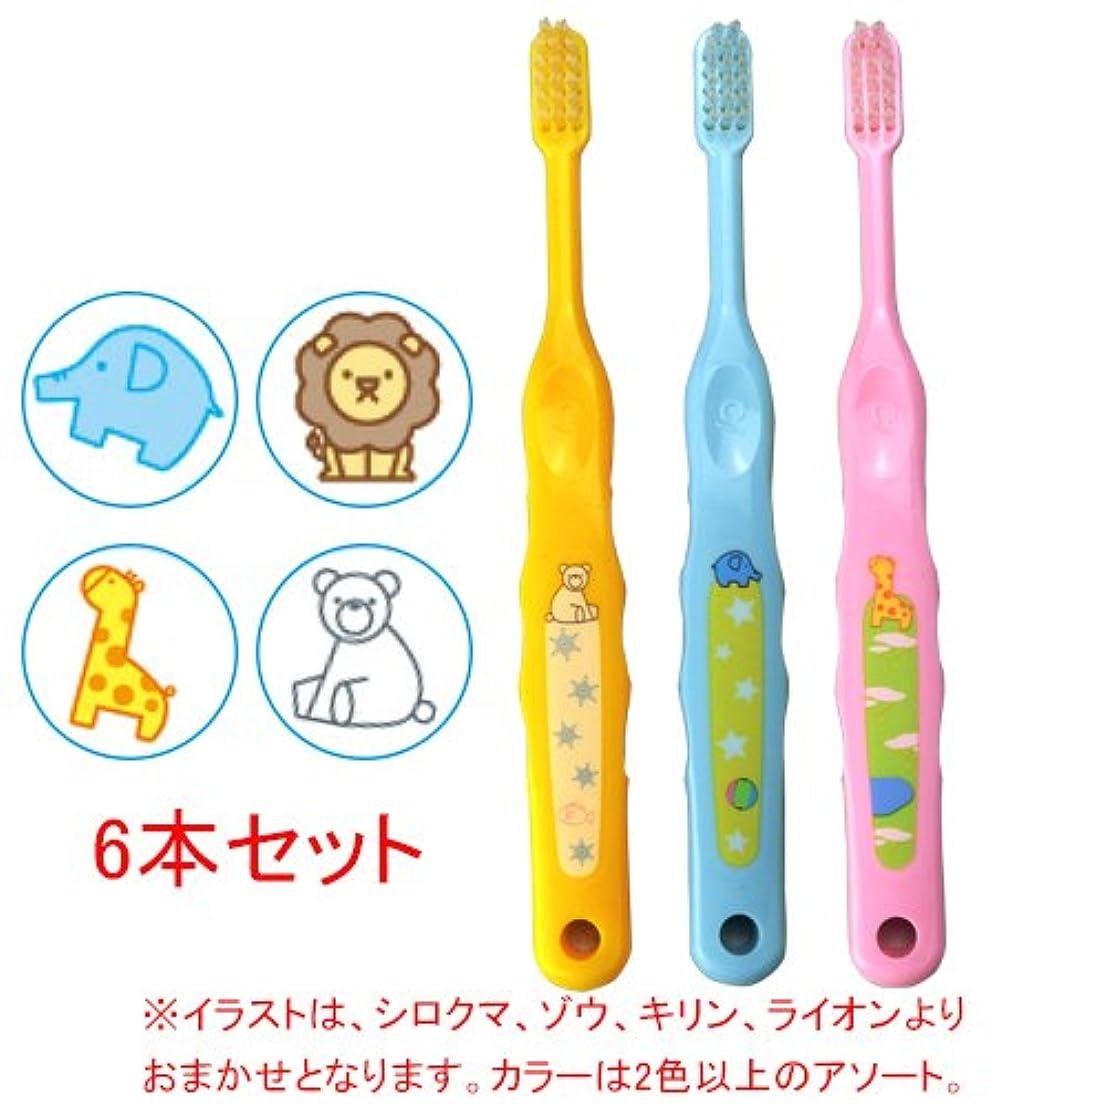 Ciメディカル Ci なまえ歯ブラシ 503 (やわらかめ) (乳児~小学生向)×6本